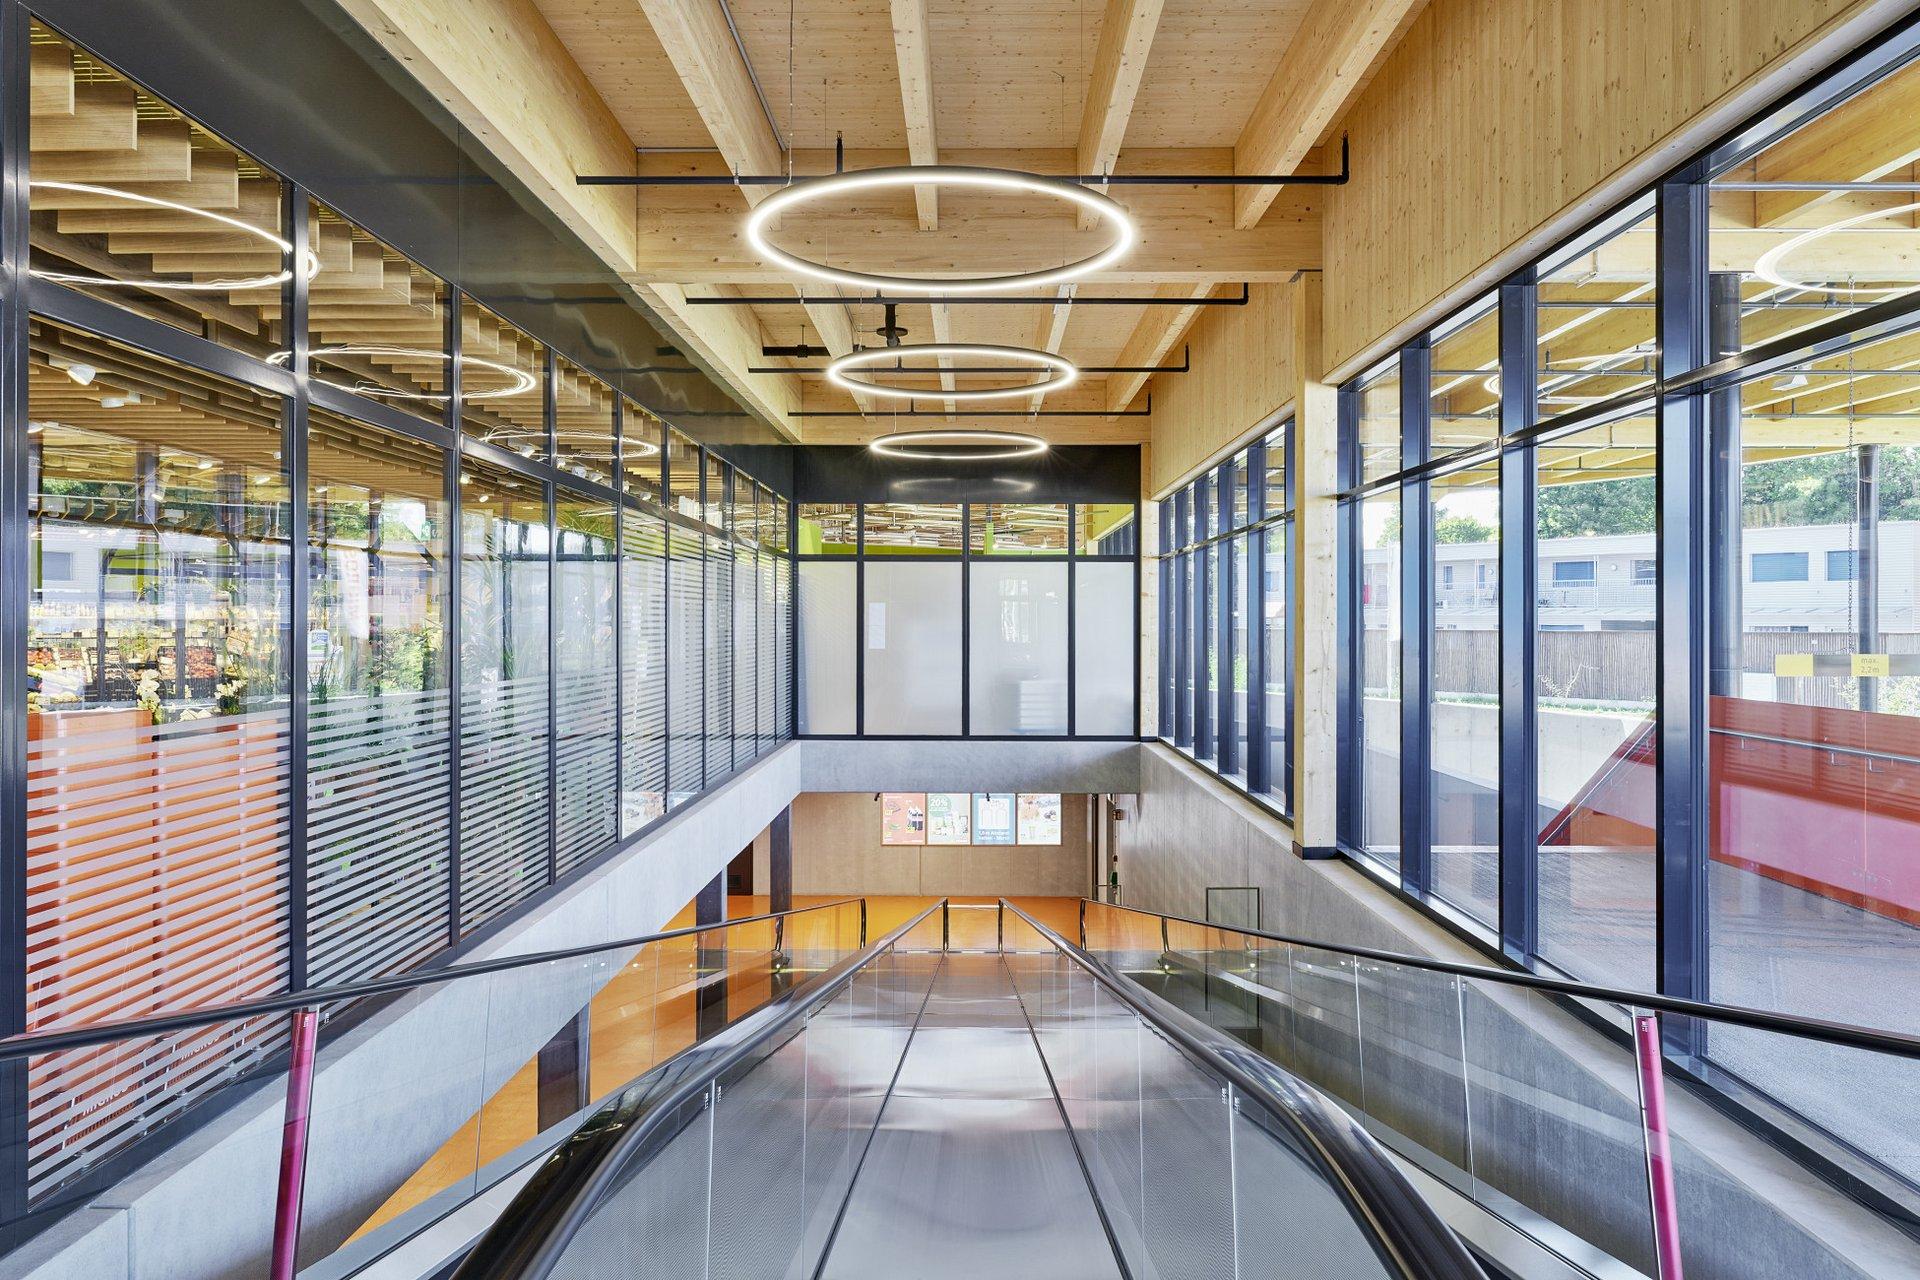 Blick auf die nach unten führende Rolltreppe und die darüber hängenden Lichter in Angel eyes optik